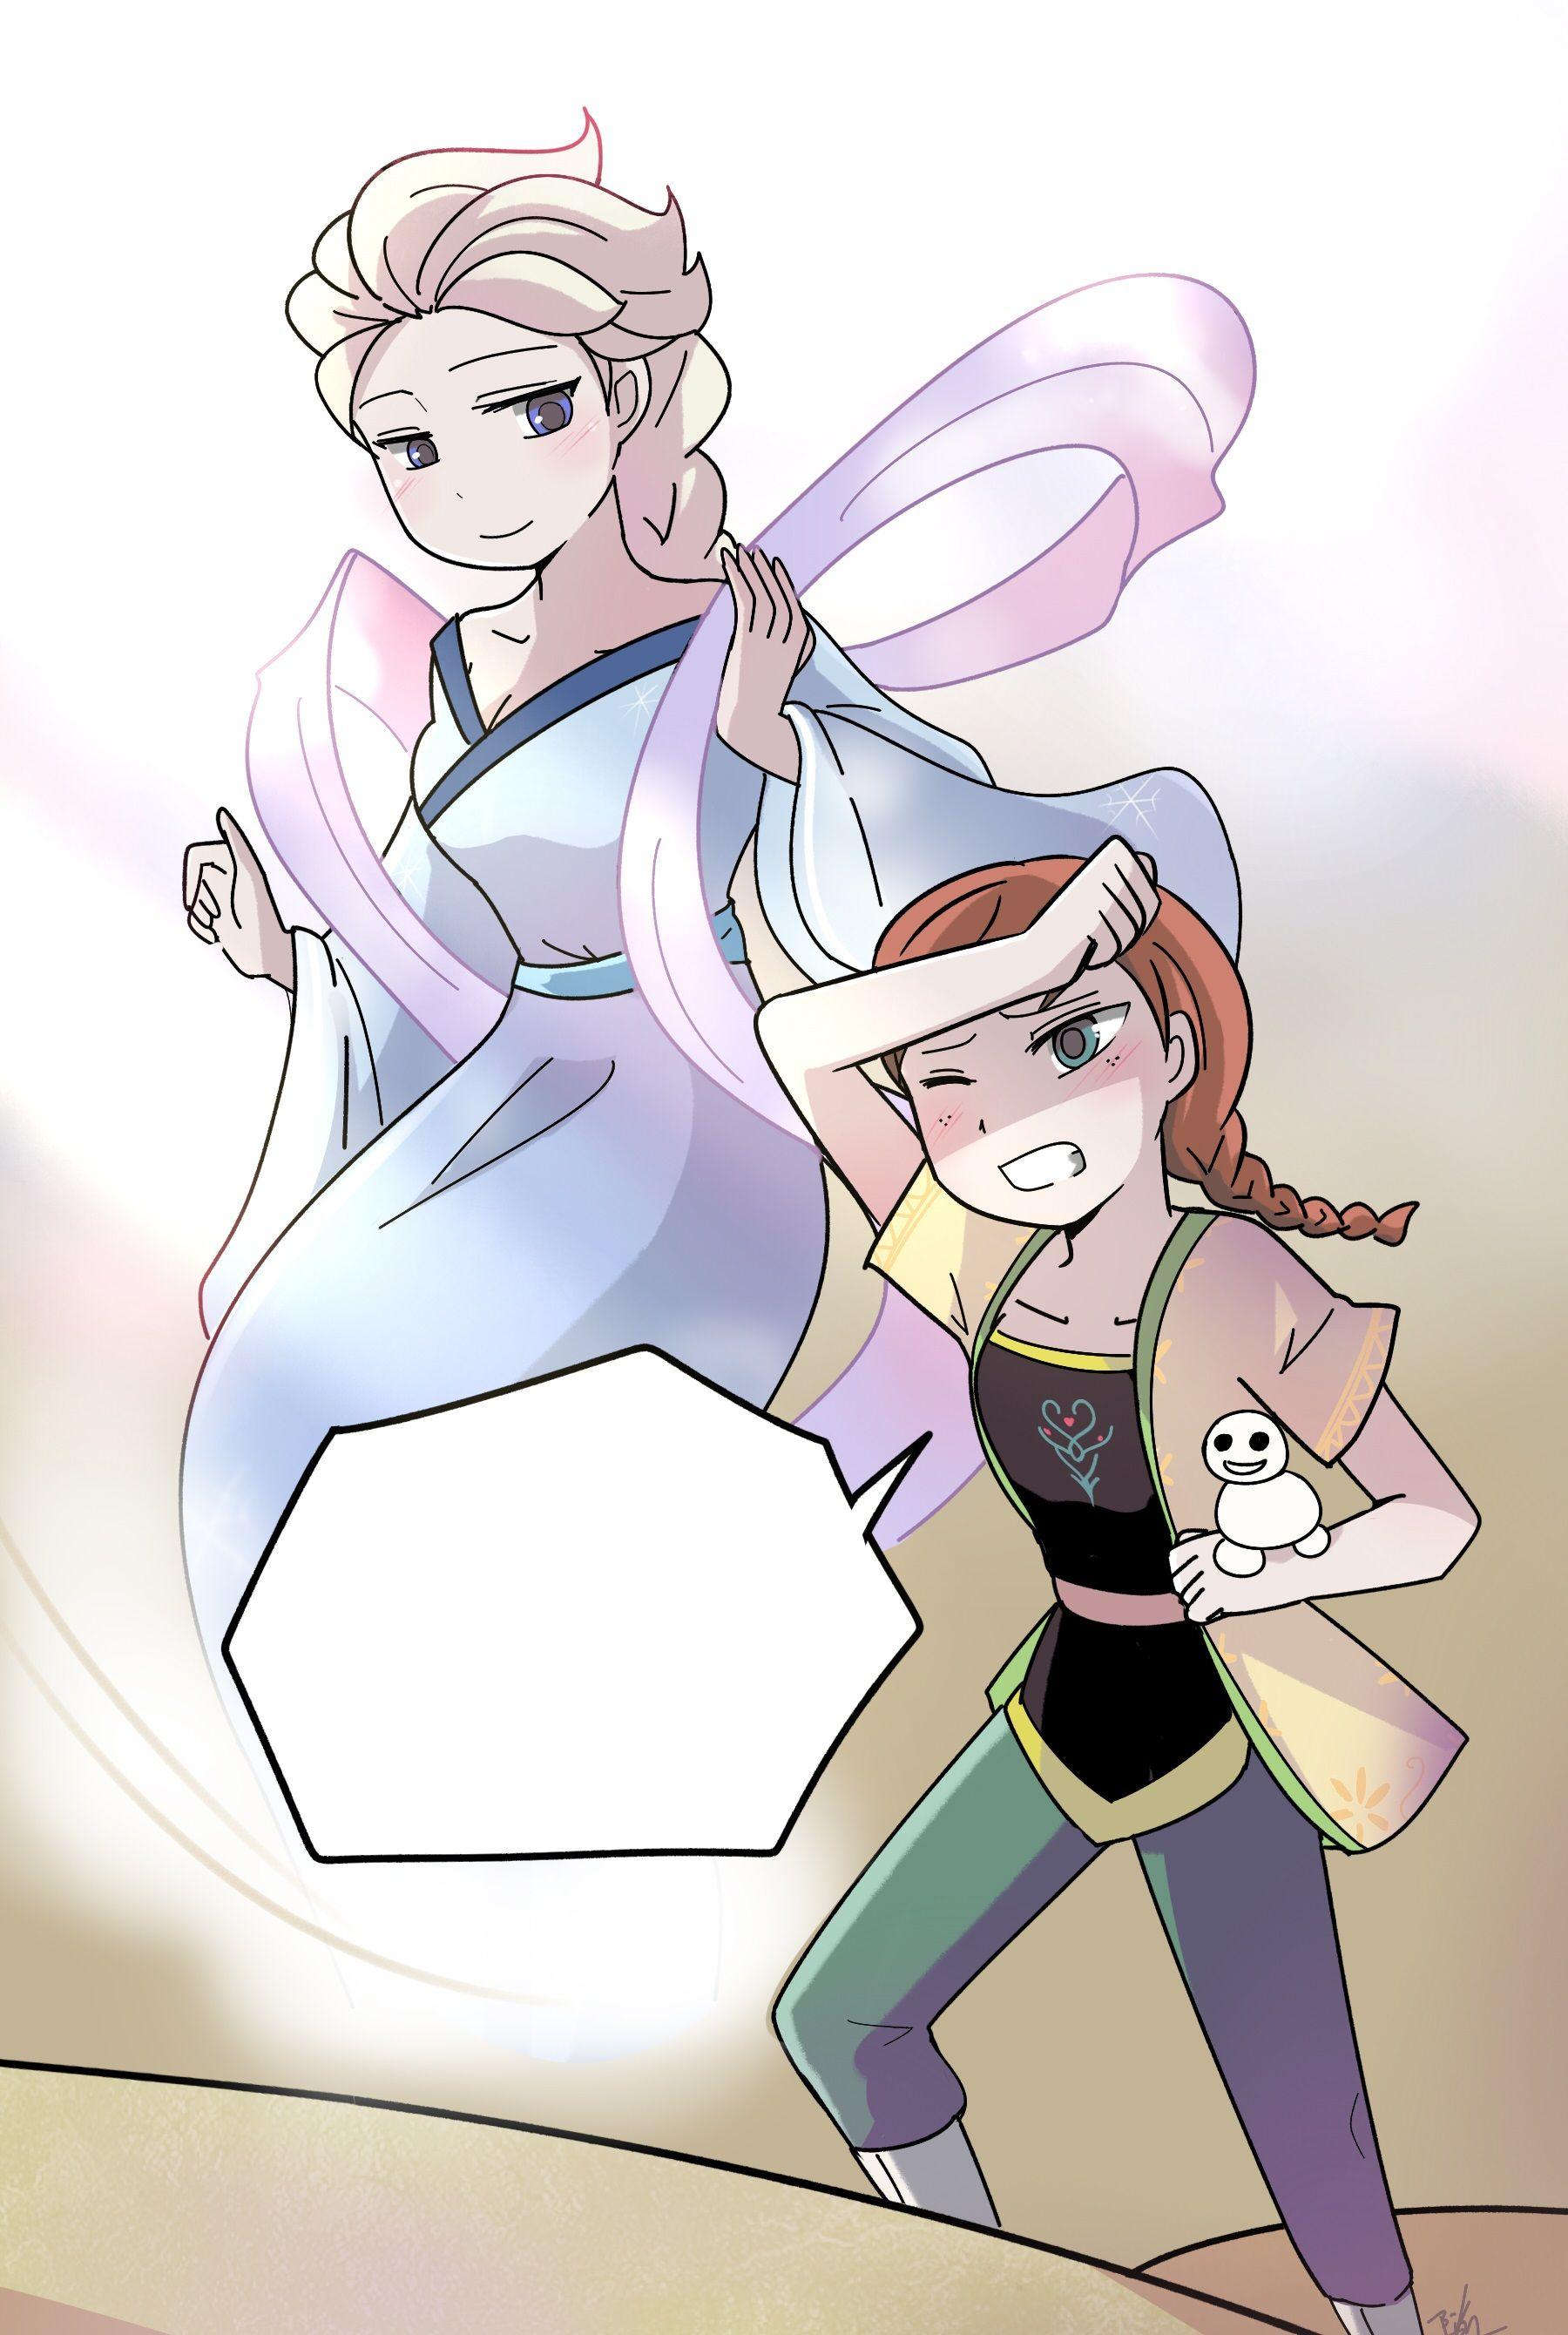 Pin by Frozenfan on Frozen drawings Anime, Frozen